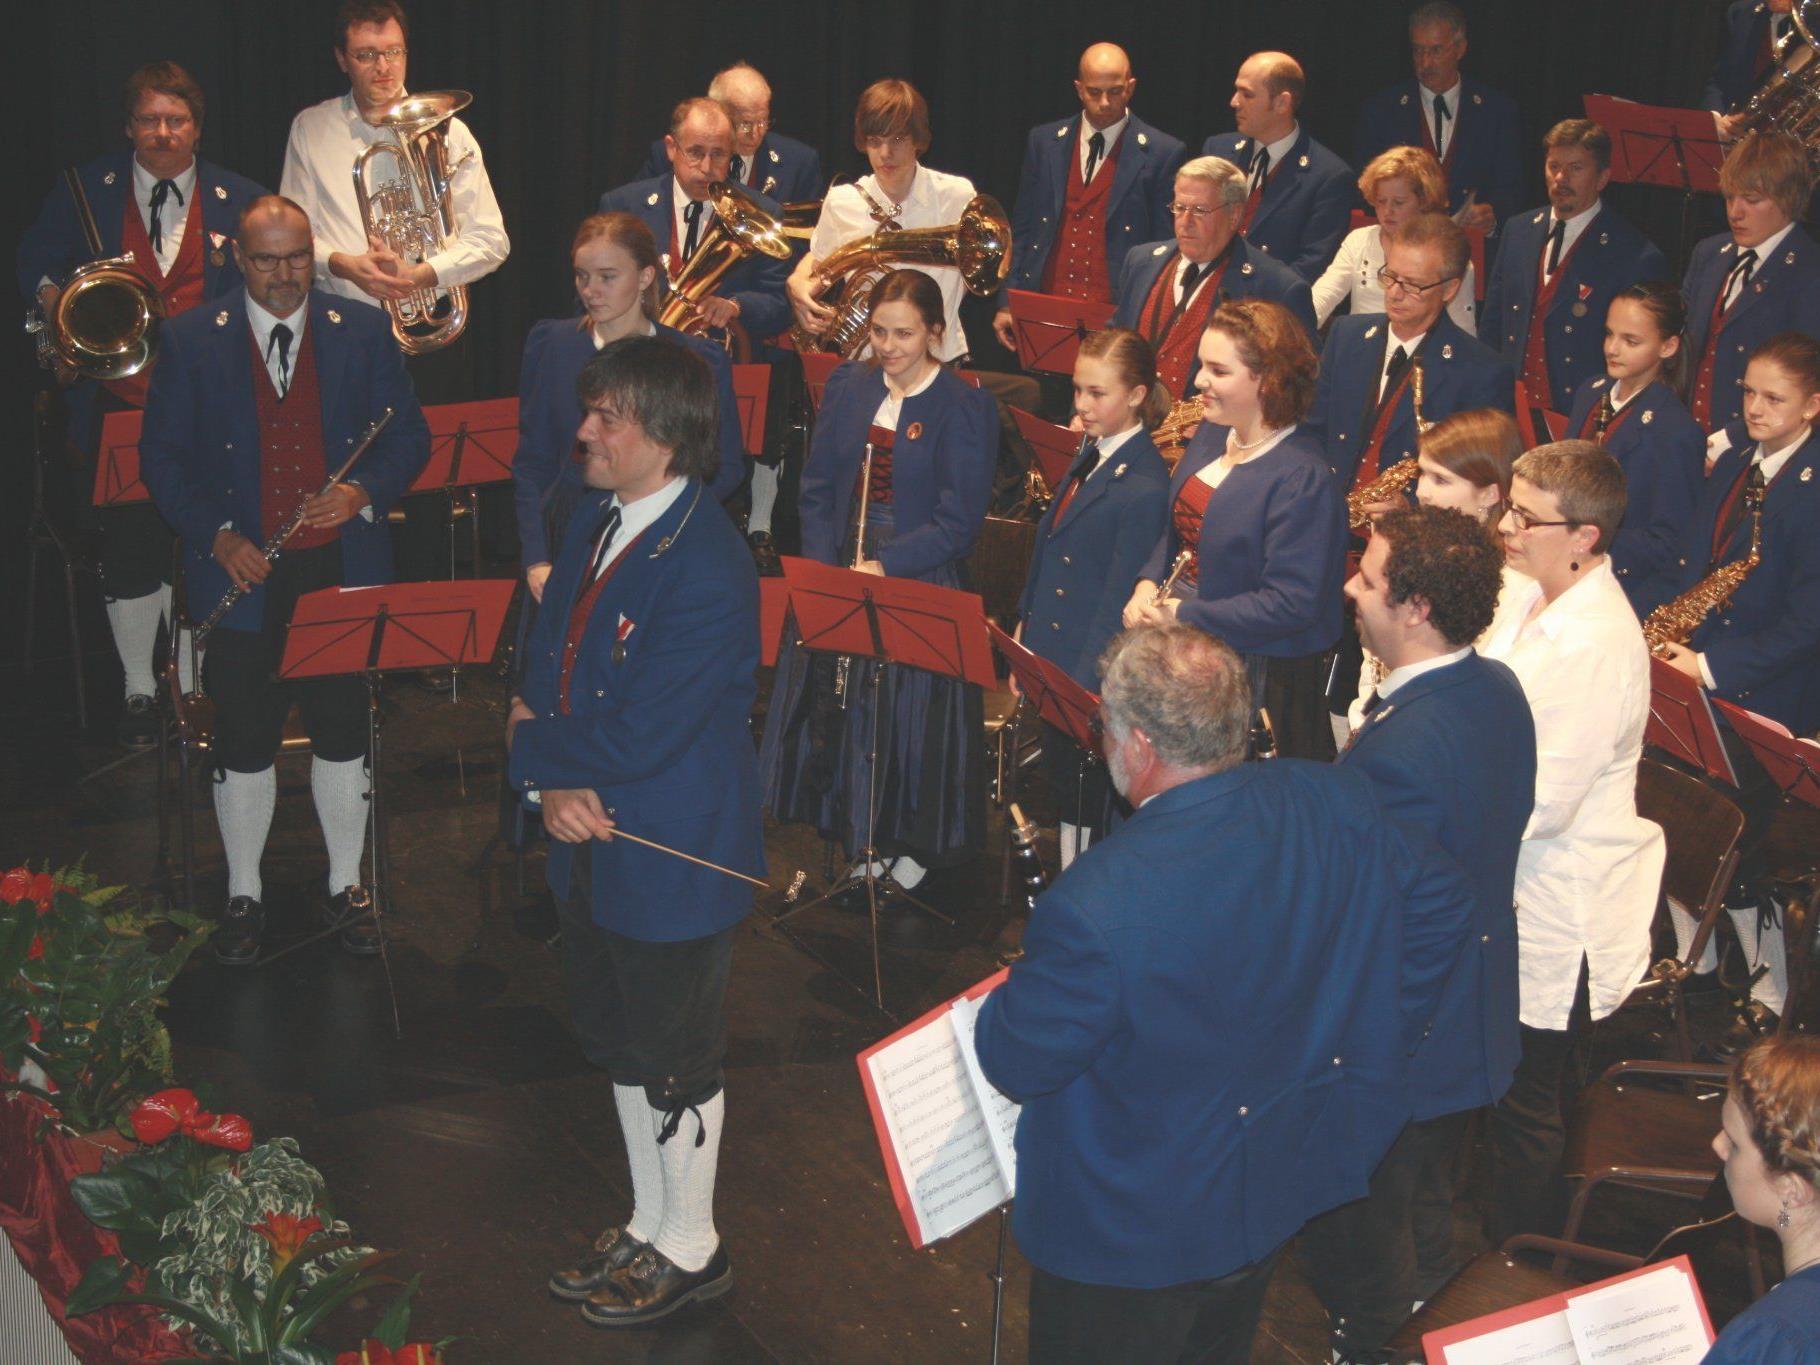 Die Bürgermusik mit Dirigent Wolfgang Jäger gilt als Aushängeschild der Stadt Hohenems.